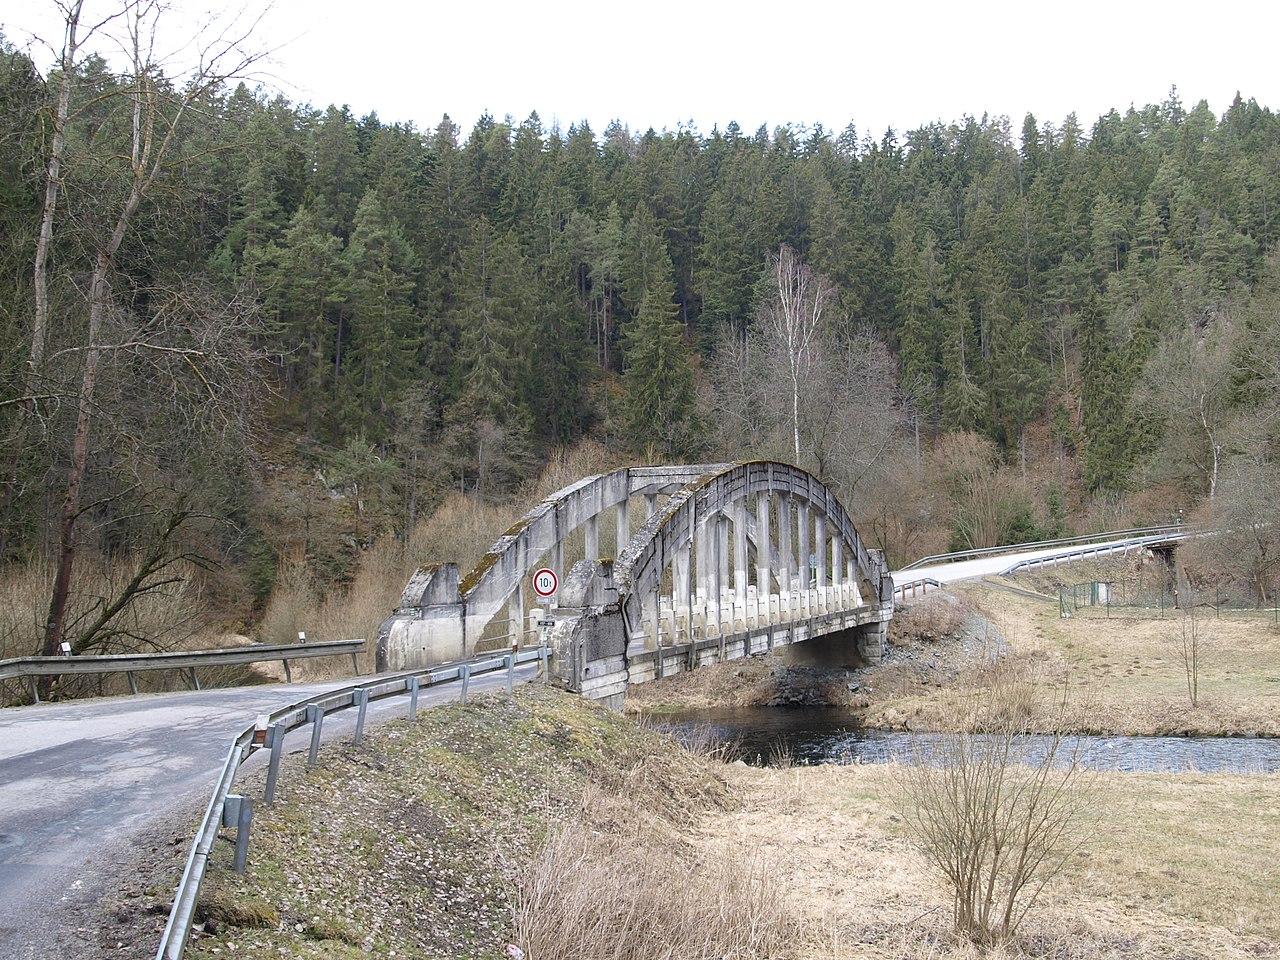 Jihočeská silnice II/157, ilustrační foto. Autor: Horst – Vlastní dílo, CC BY-SA 4.0, https://commons.wikimedia.org/w/index.php?curid=68244845